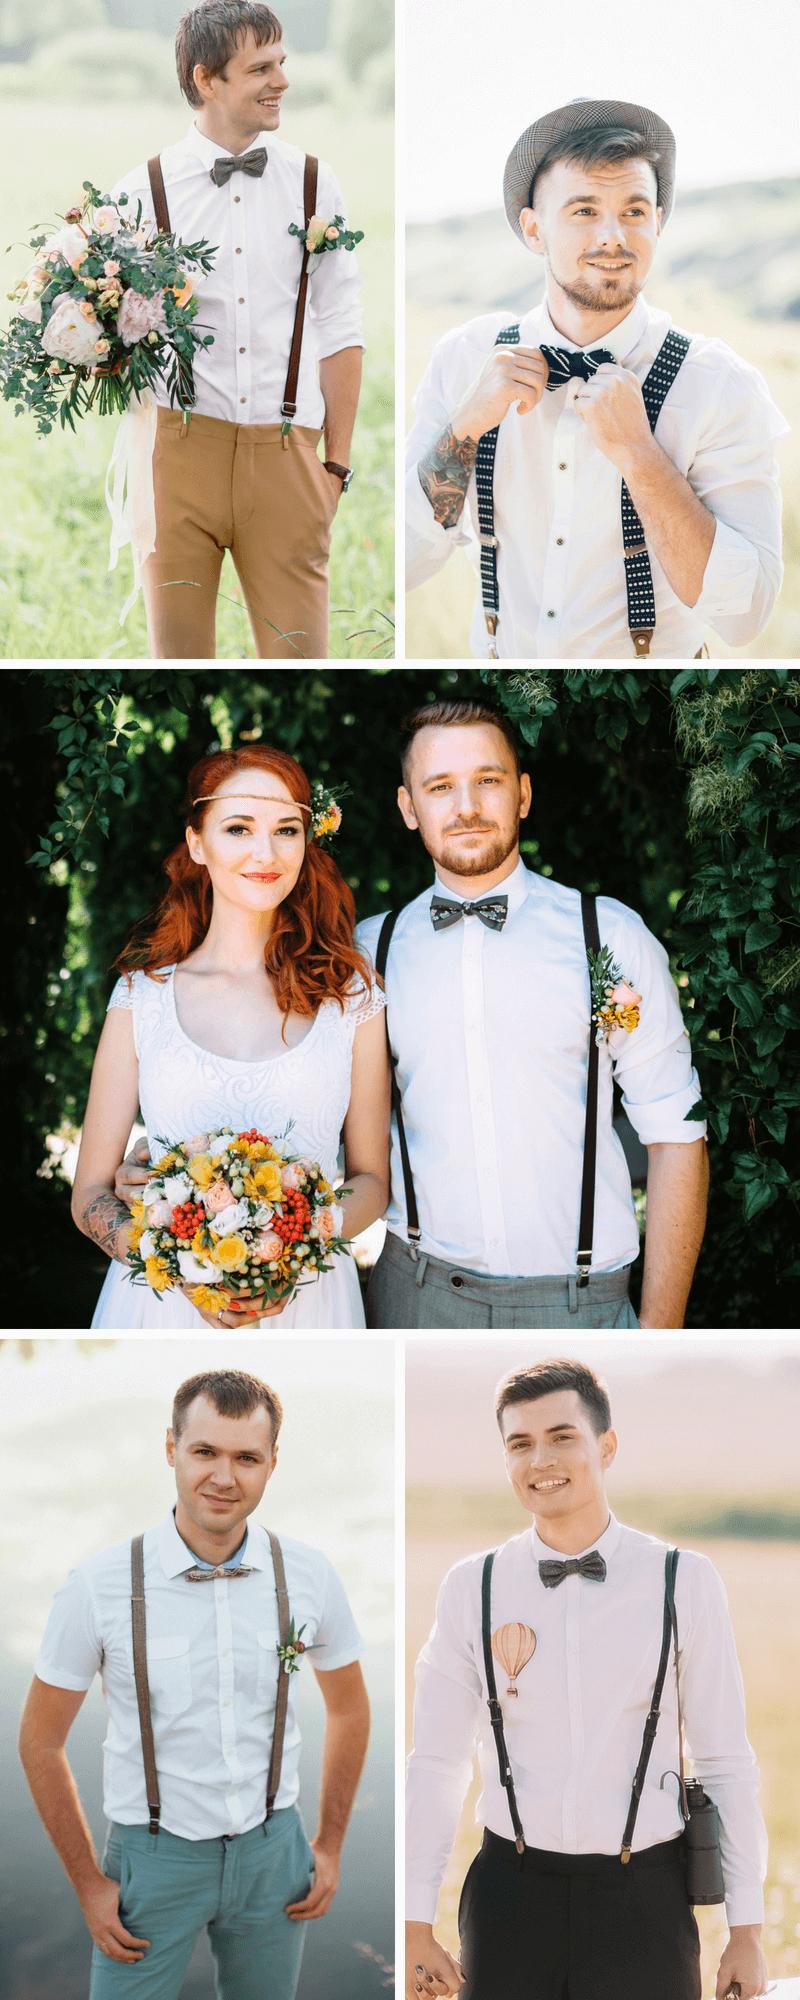 Bräutigam Outfit: Ideen Und Trends Für Den Hochzeitsanzug